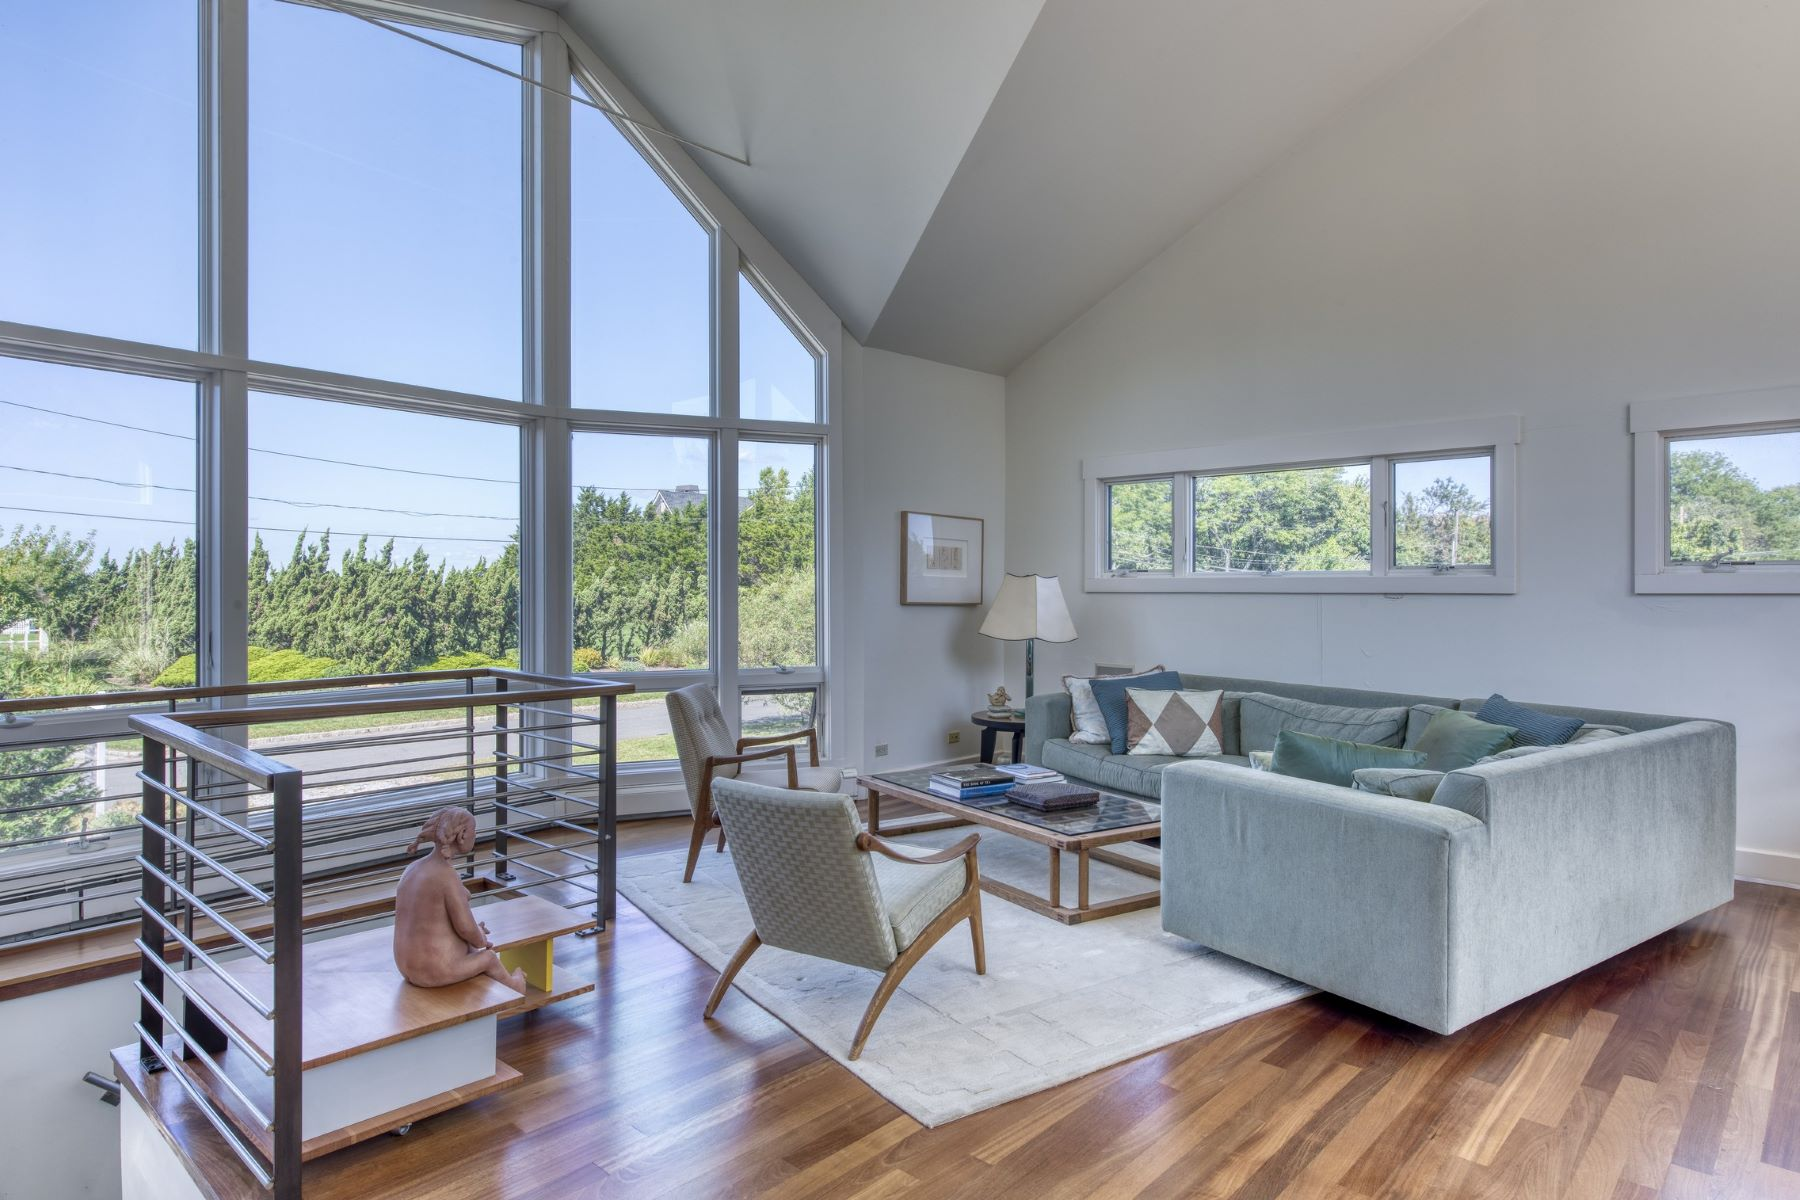 Single Family Homes für Verkauf beim Greenport 1015 Sound Dr, Greenport, New York 11944 Vereinigte Staaten